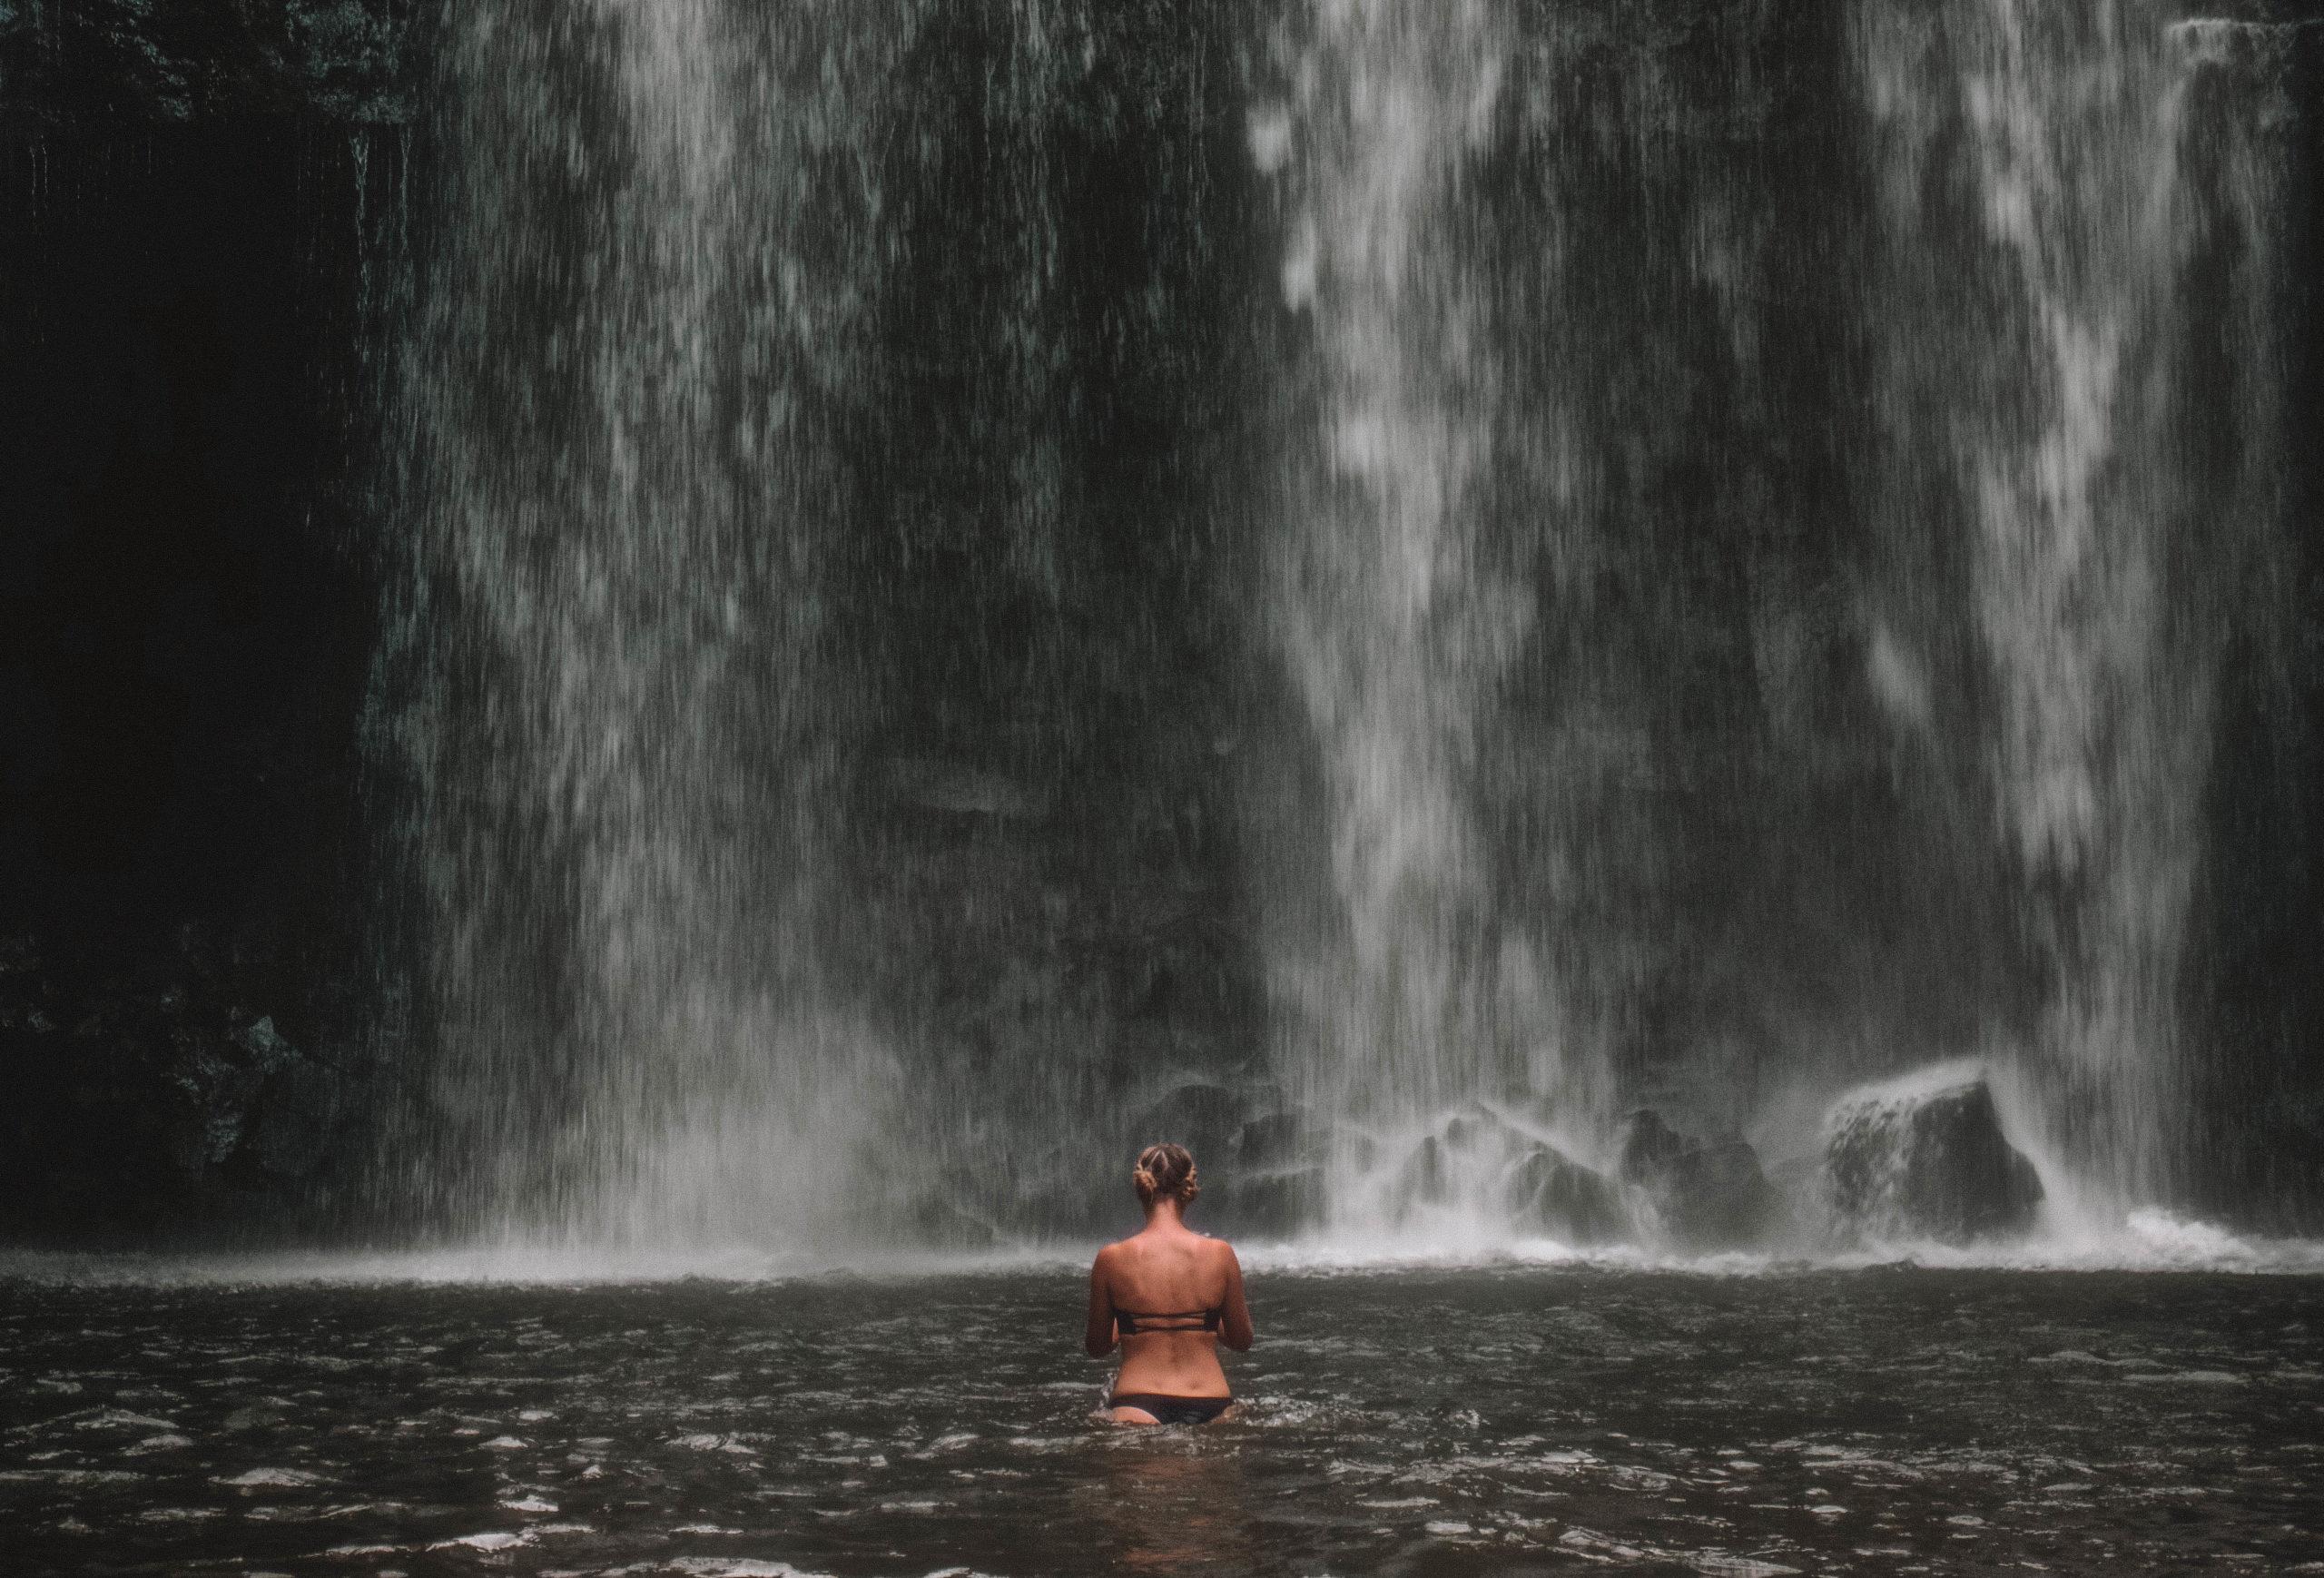 COSTA RICA // CHASING WATERFALLS